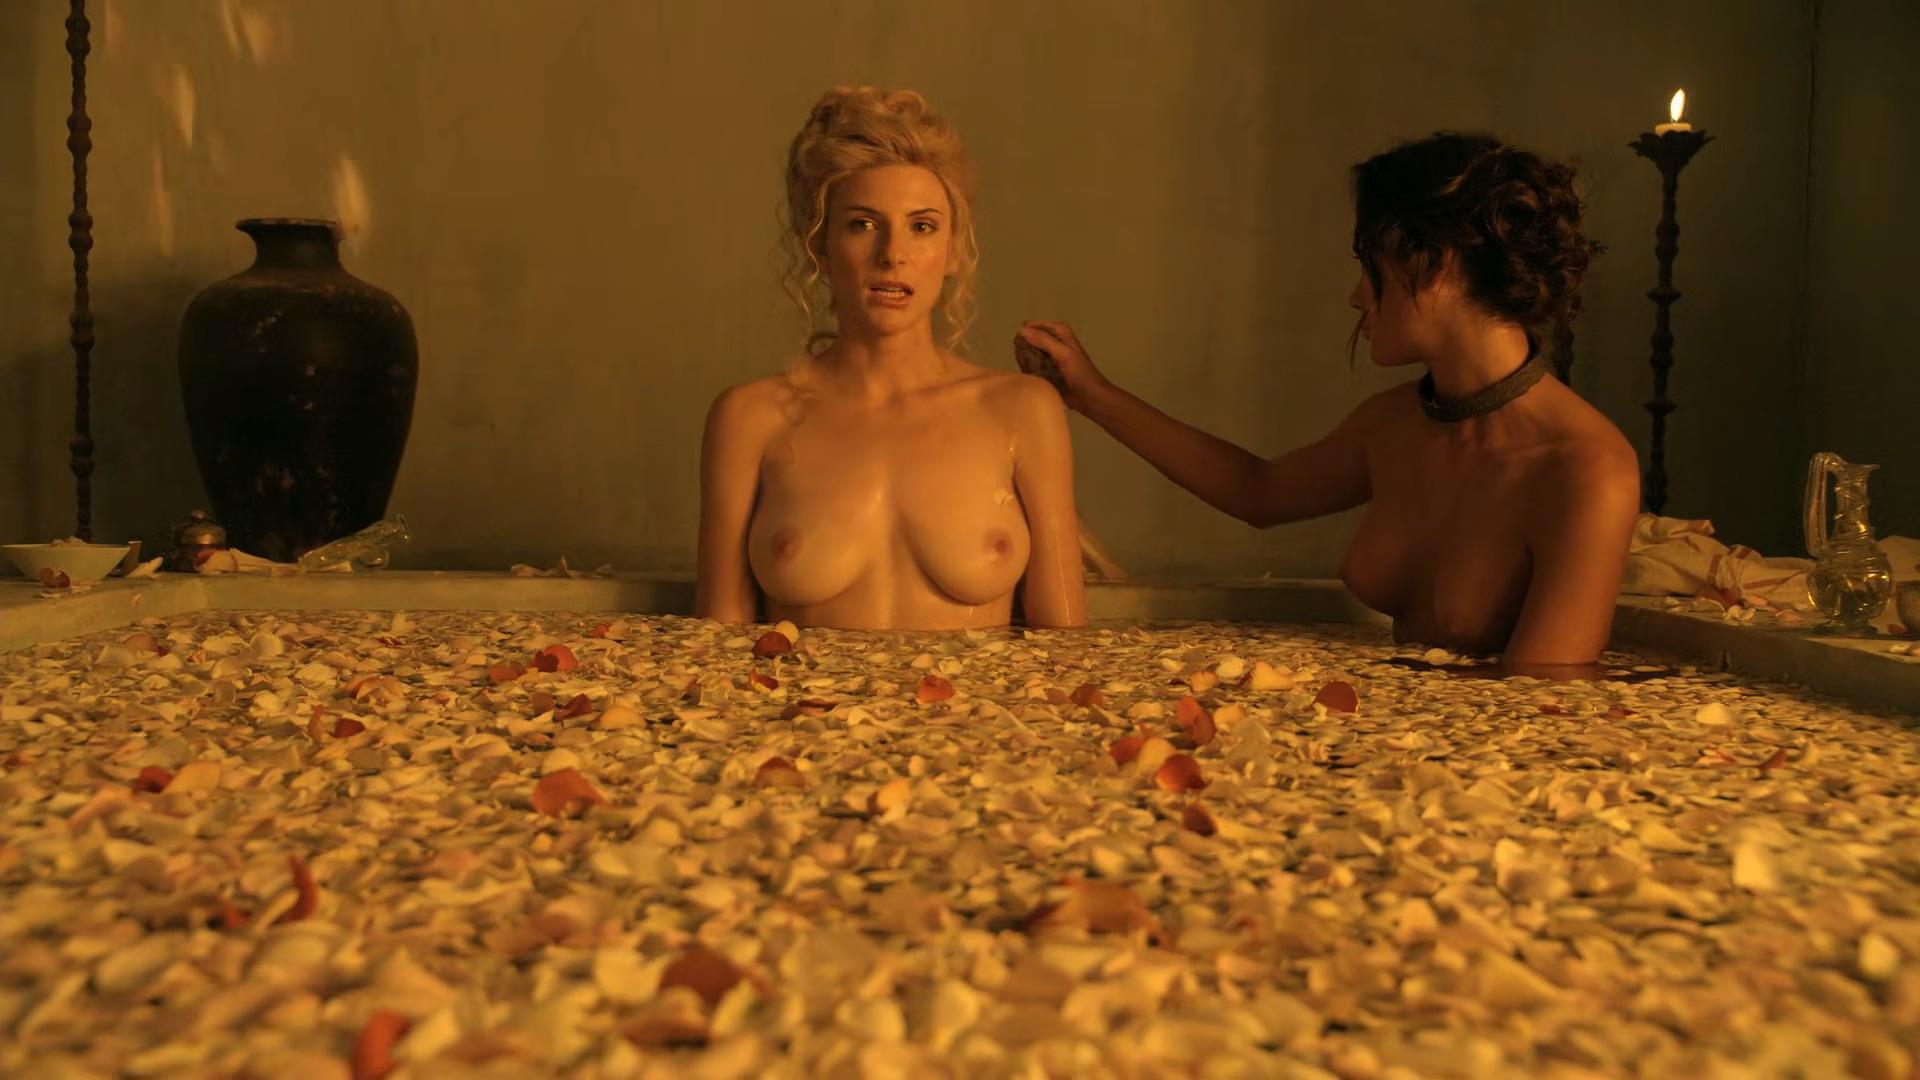 реально далбоебы смотреть онлайн фильмы с голыми женщинами если немного